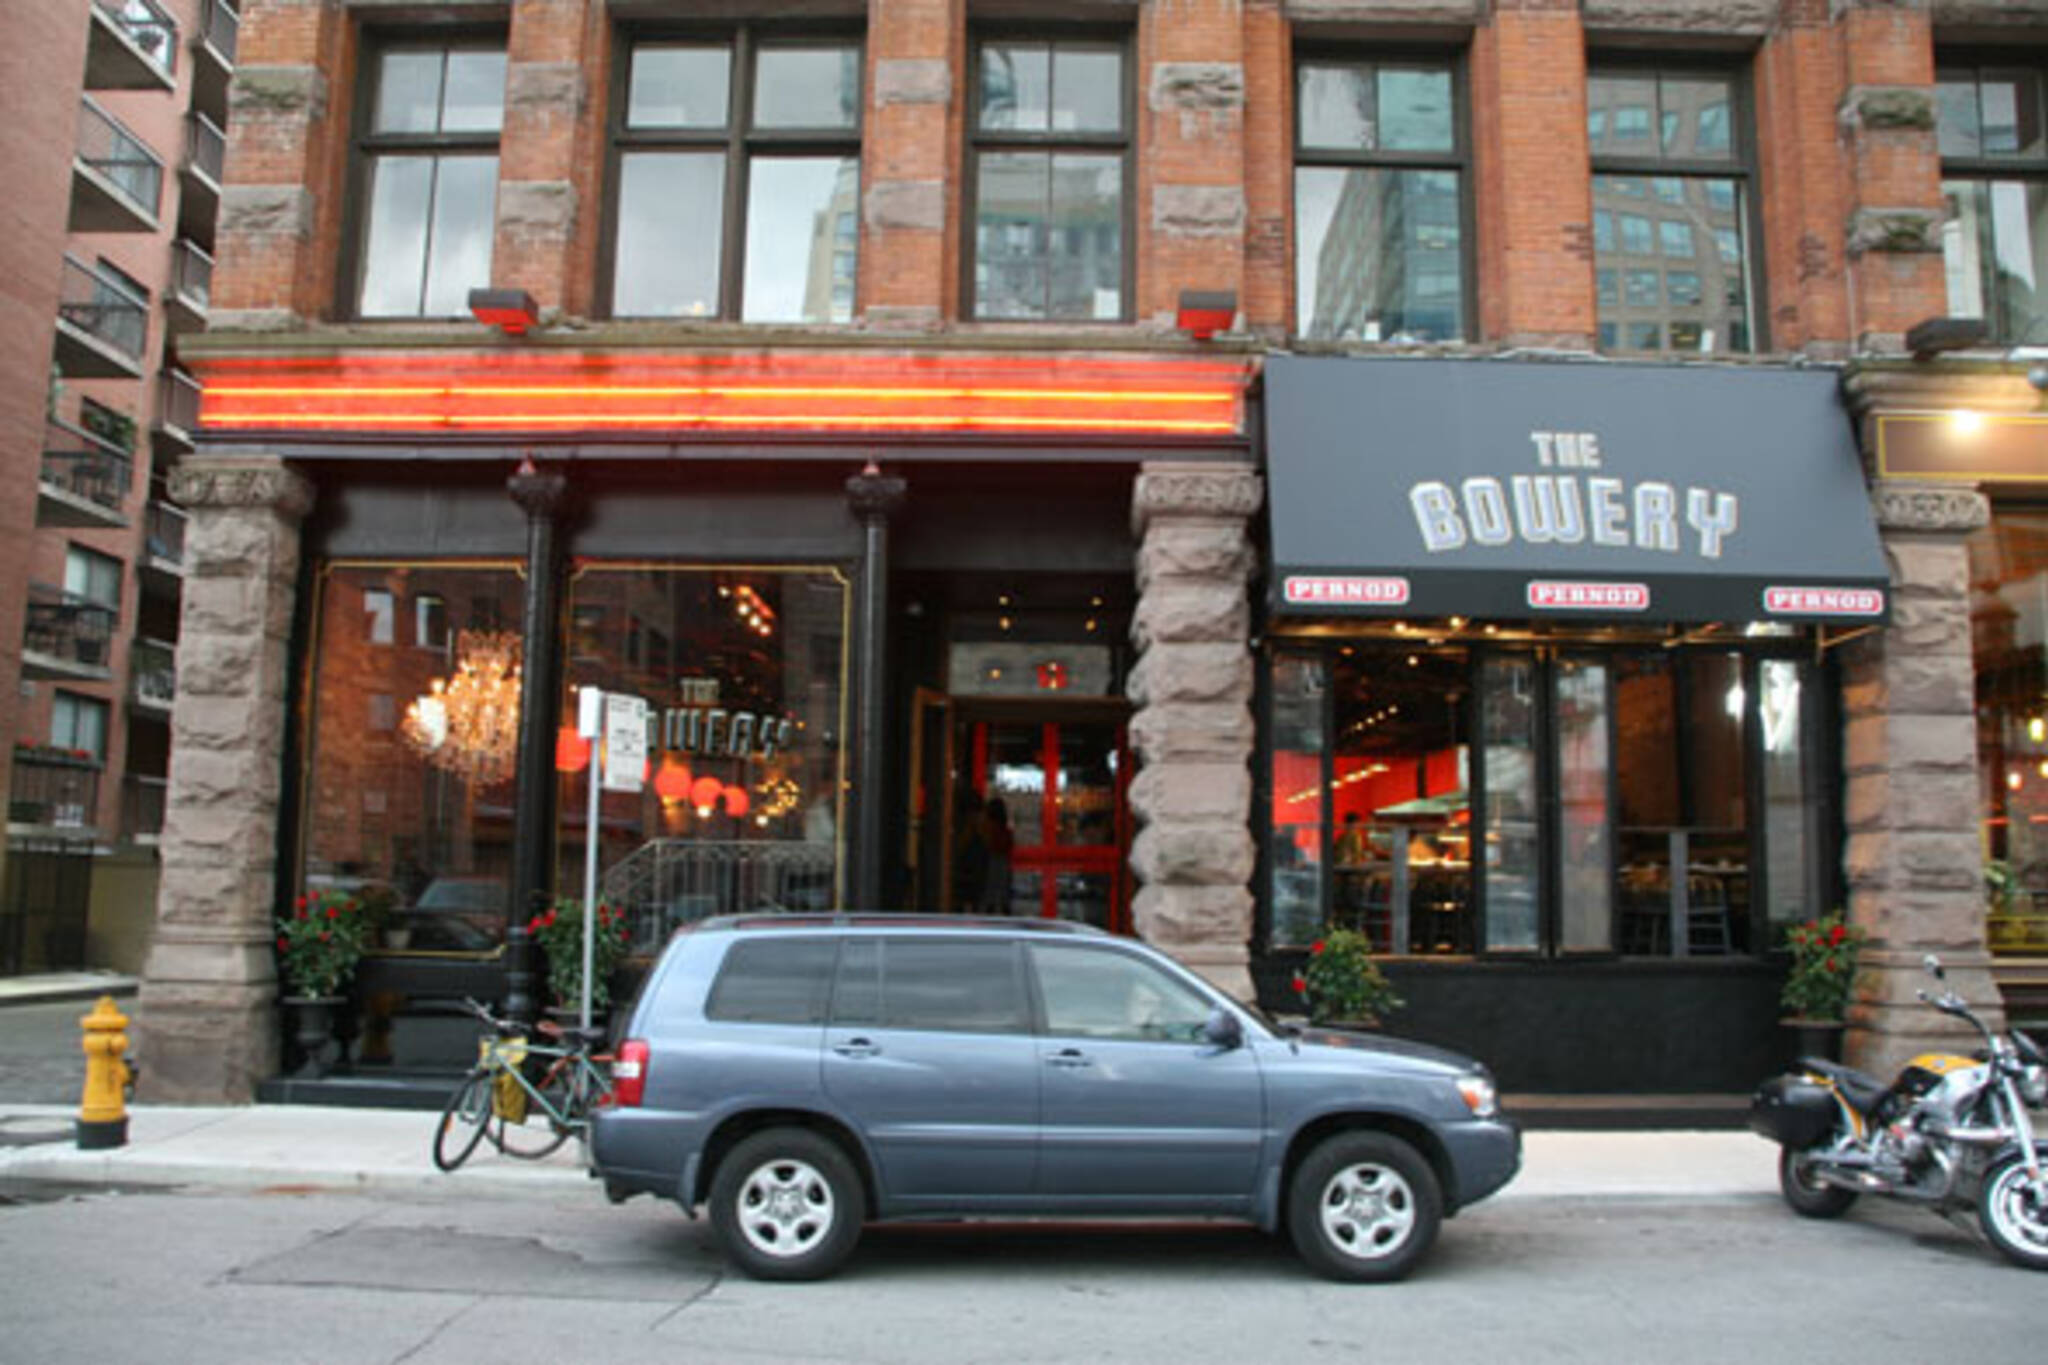 The Bowery Toronto